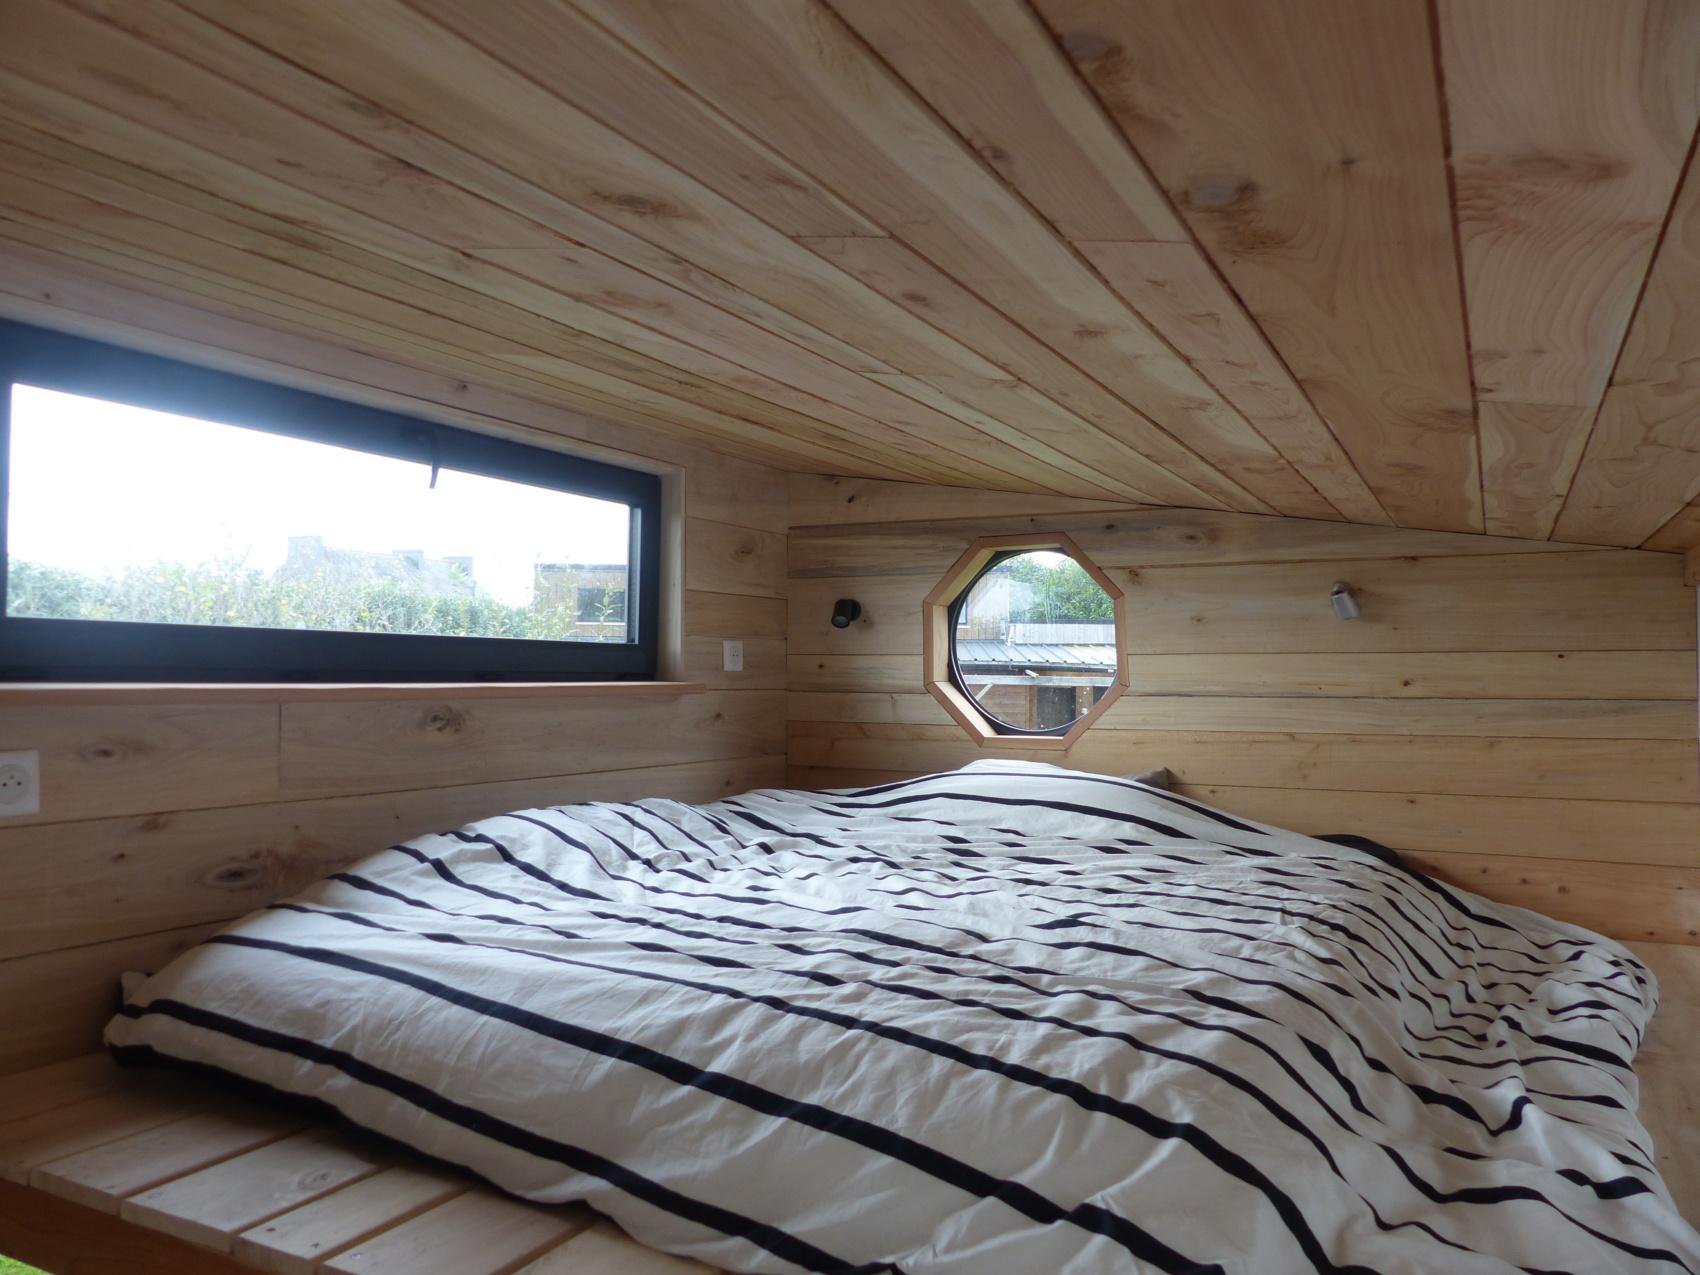 couchage double en mezzanine de la tiny house autonome avec fenêtre à battant en aluminium et double vitrage et hublot double vitrage alu